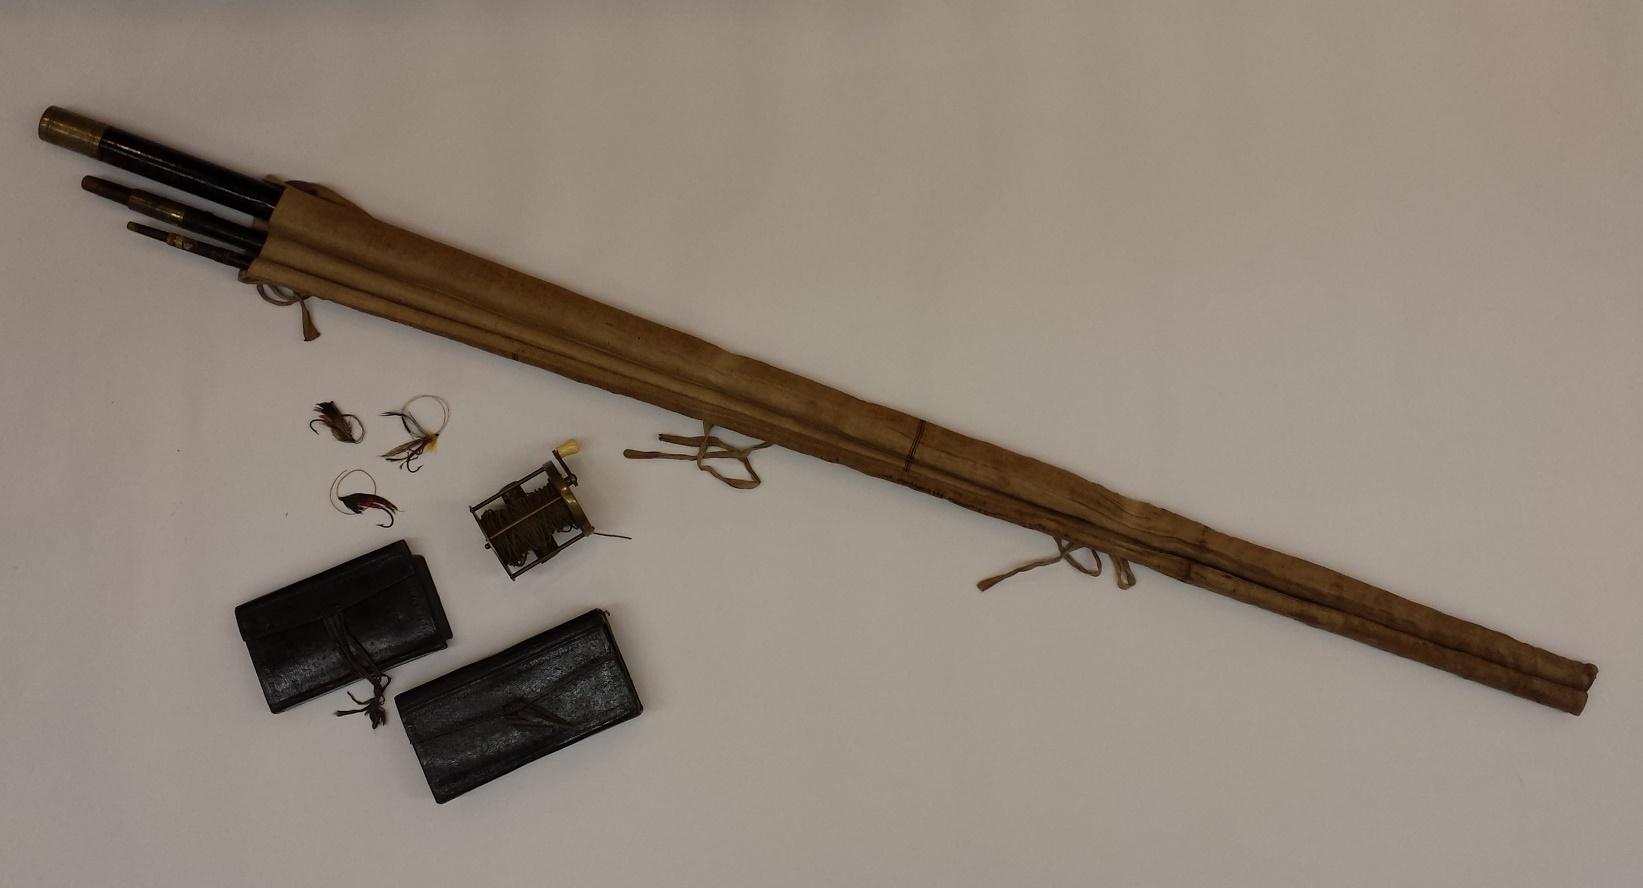 Laksefiskestang med utstyr